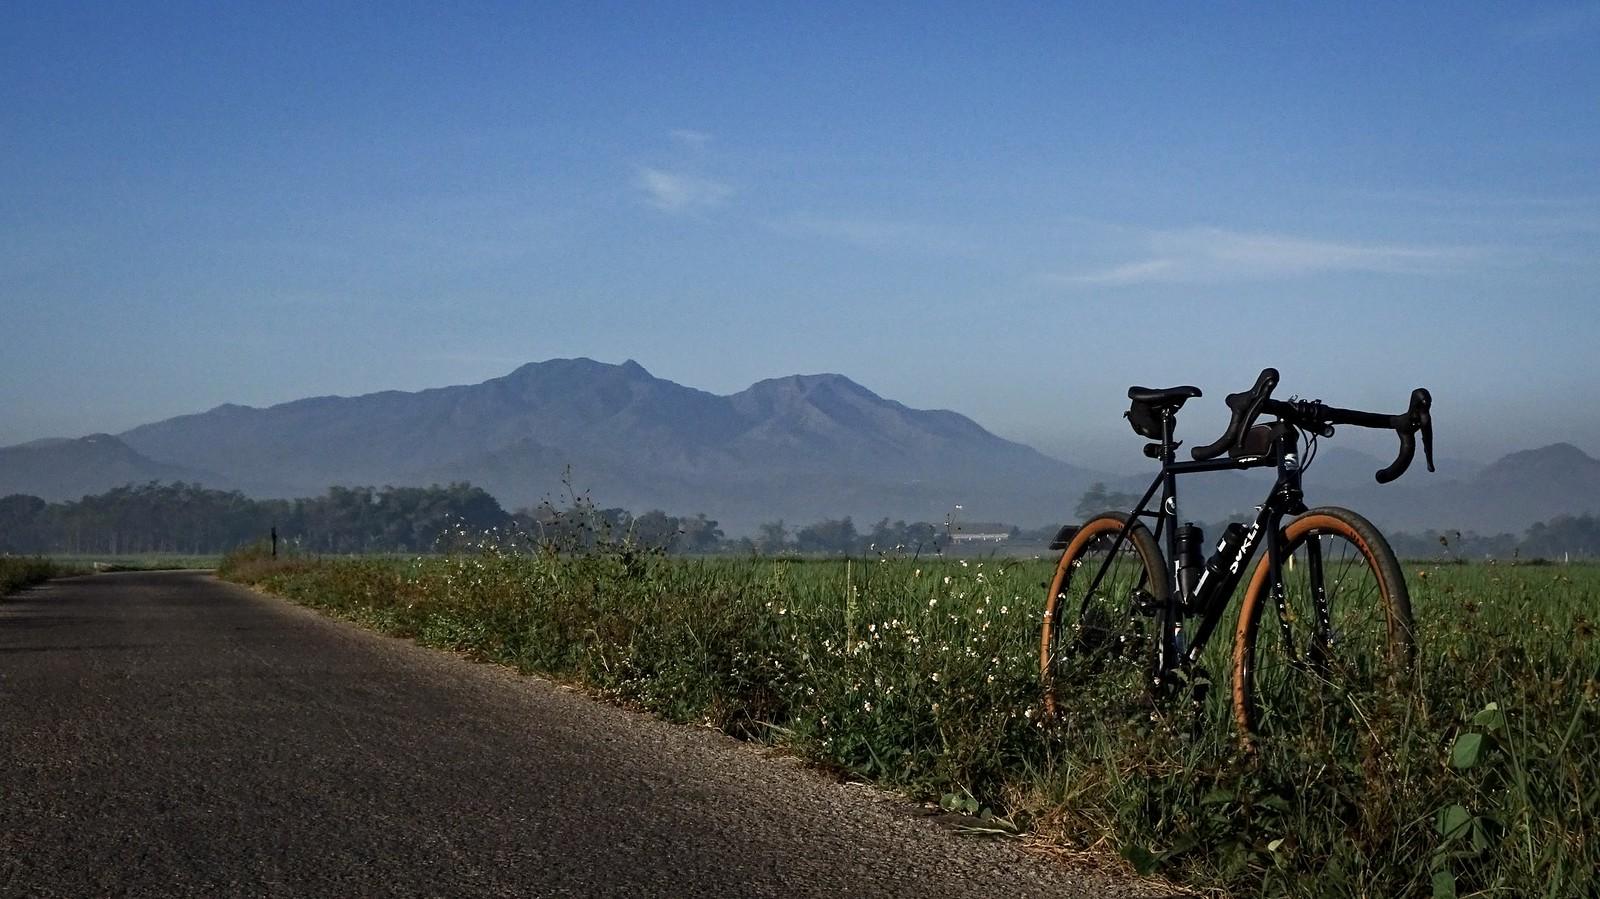 Kamojang Pass: A Ride of Nostalgia